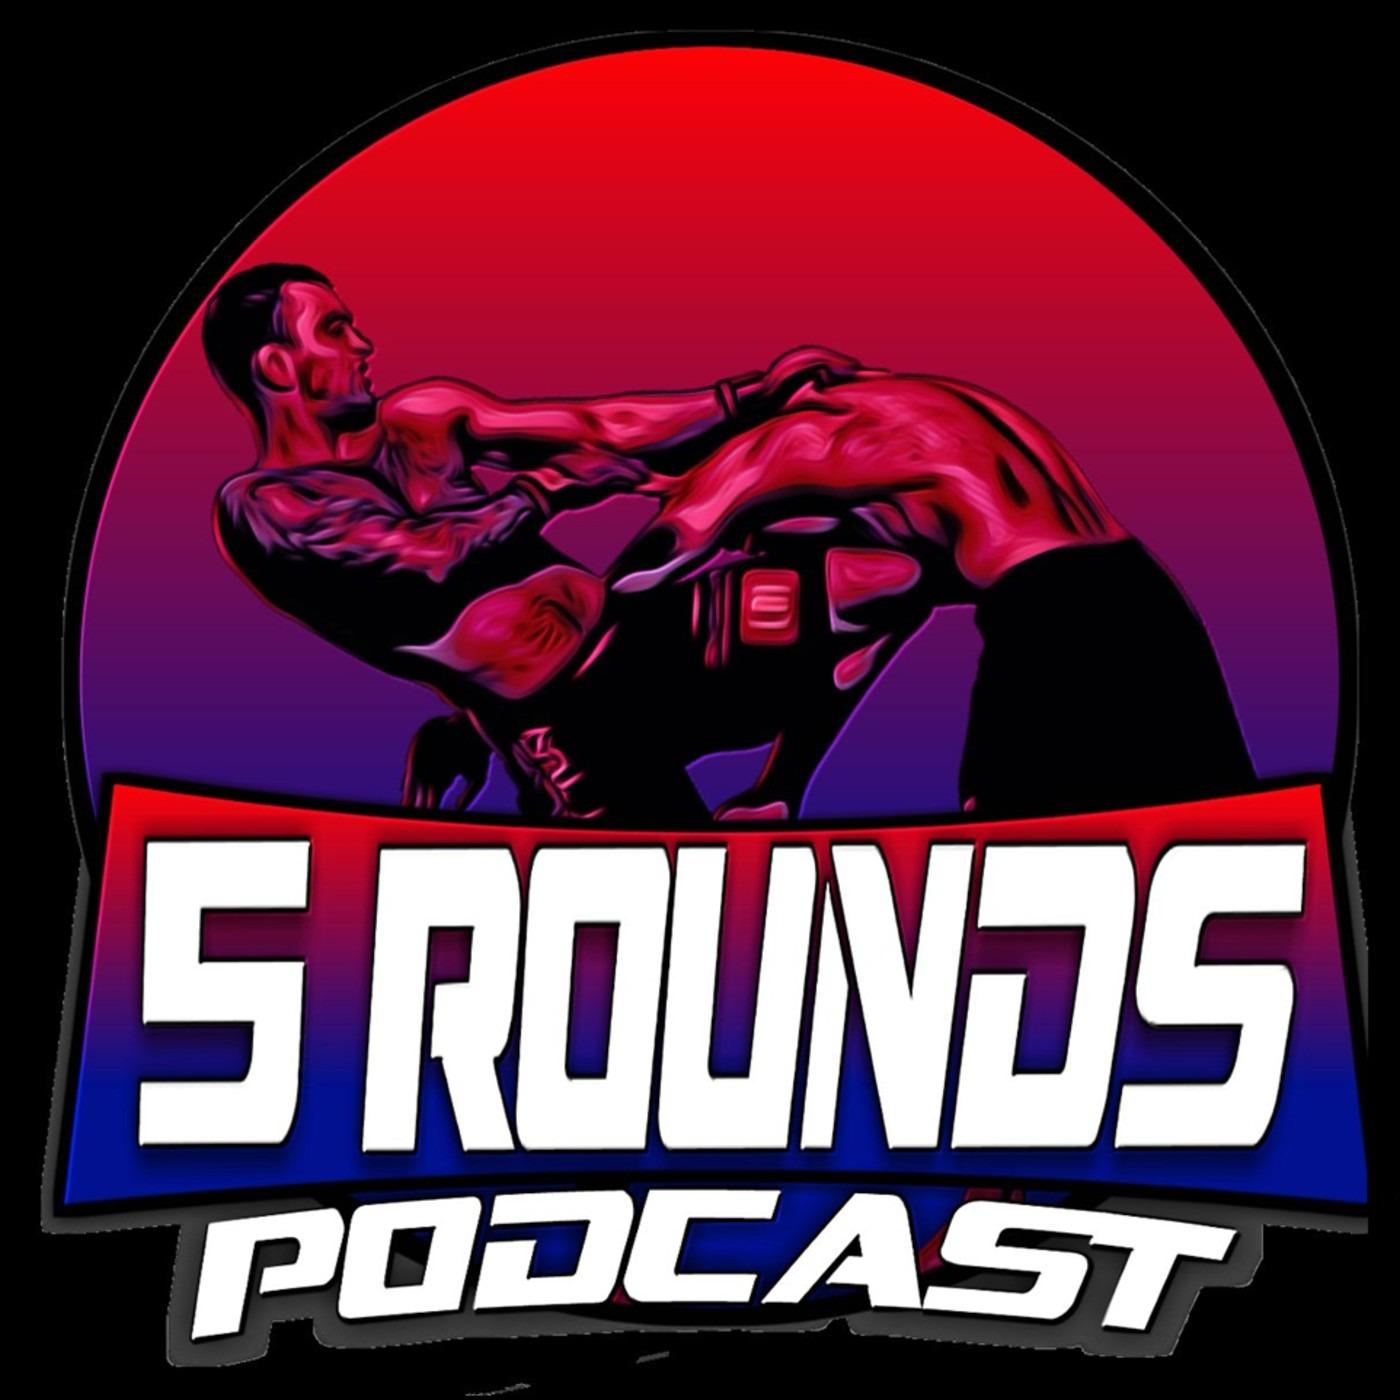 Five Rounds Podcast: UFC Fight Night - Reyes v Prochazka